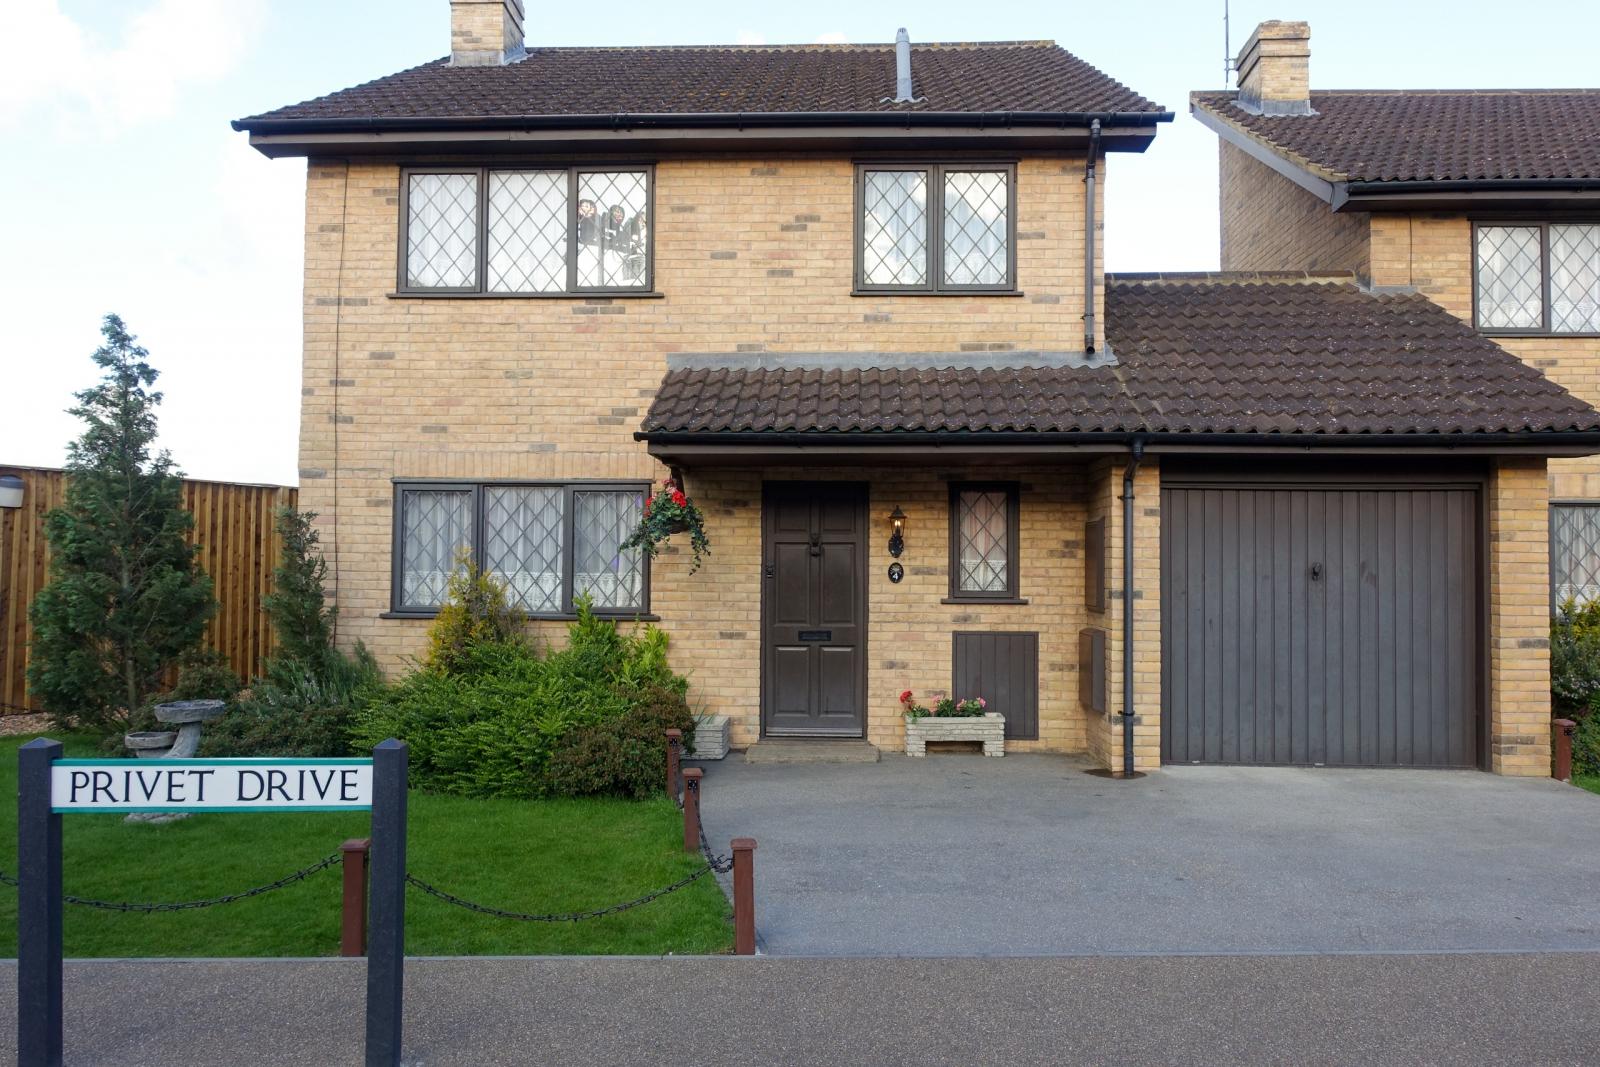 No. 4 Privet Drive